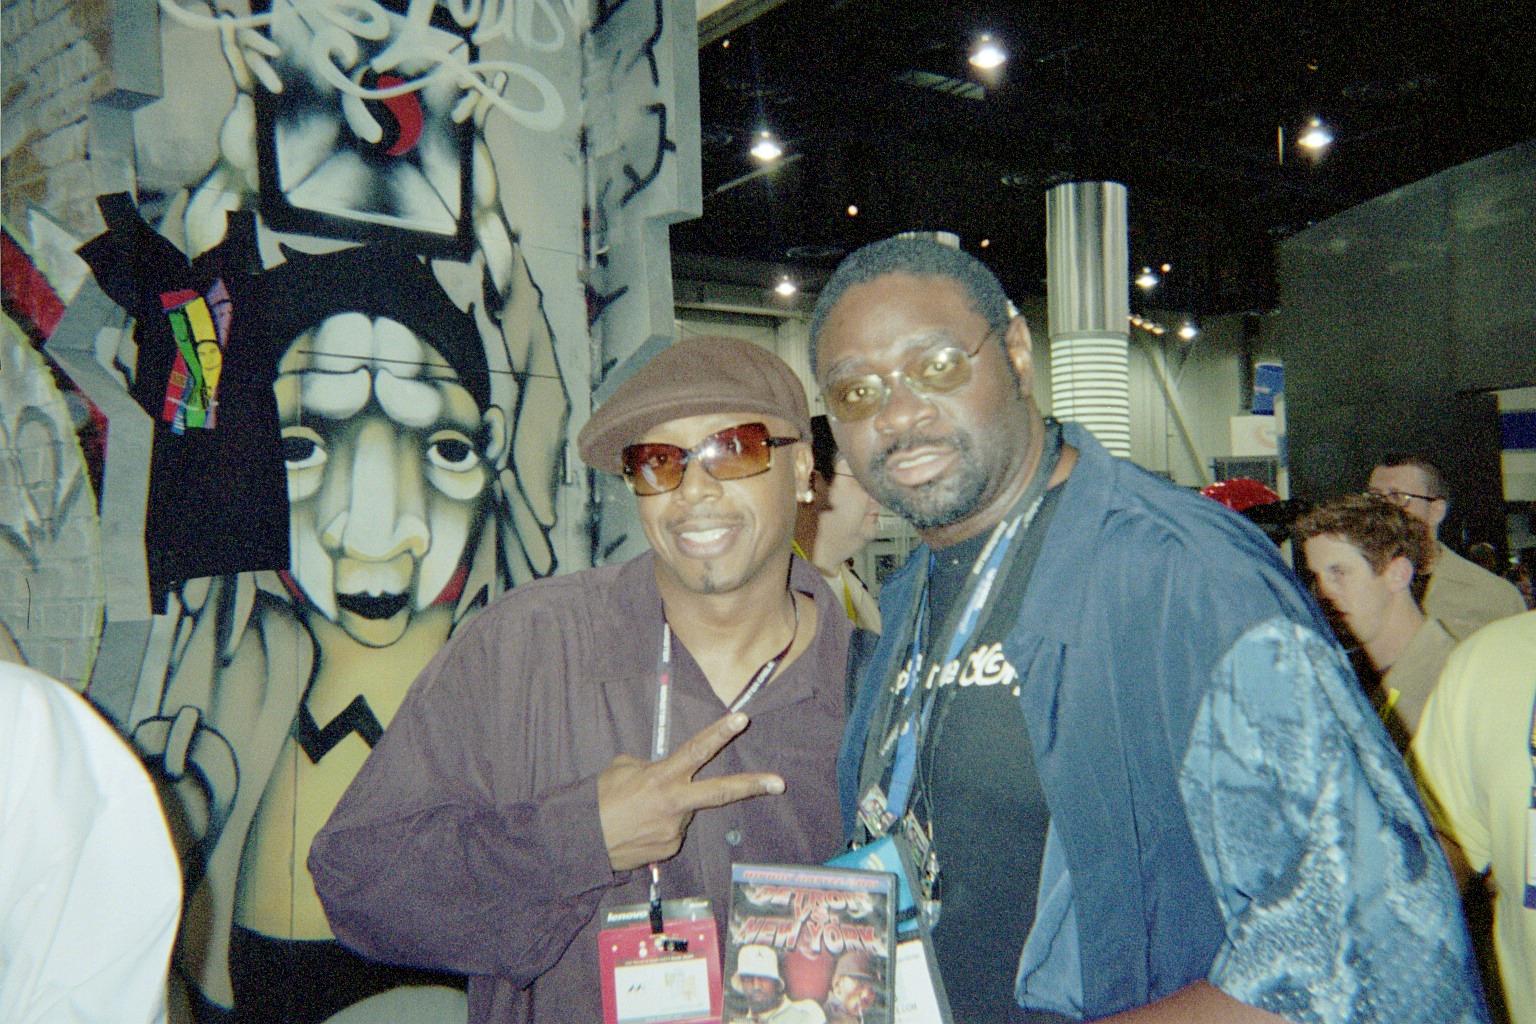 ... gallery press photos album 2007 dub custom autoshow hip hop life